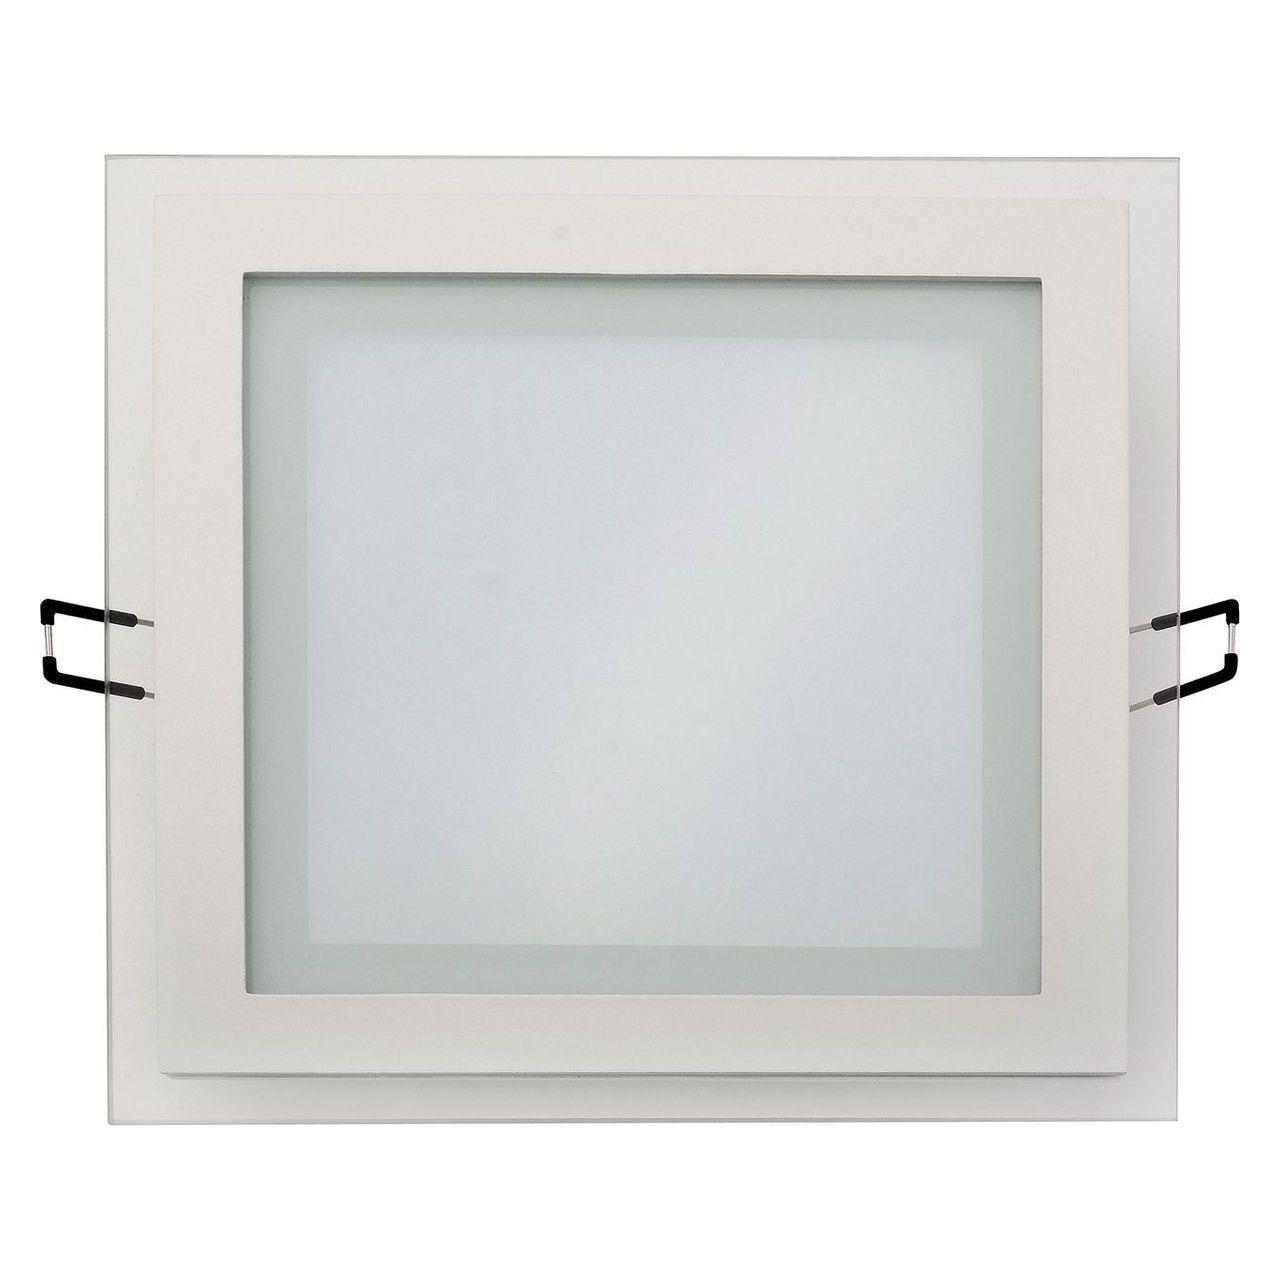 Встраиваемый светодиодный светильник Horoz Maria-15 15W 4200K белый 016-015-0015 (HL686LG) встраиваемый светодиодный светильник horoz 15w 6000к белый 016 017 0015 hl6756l